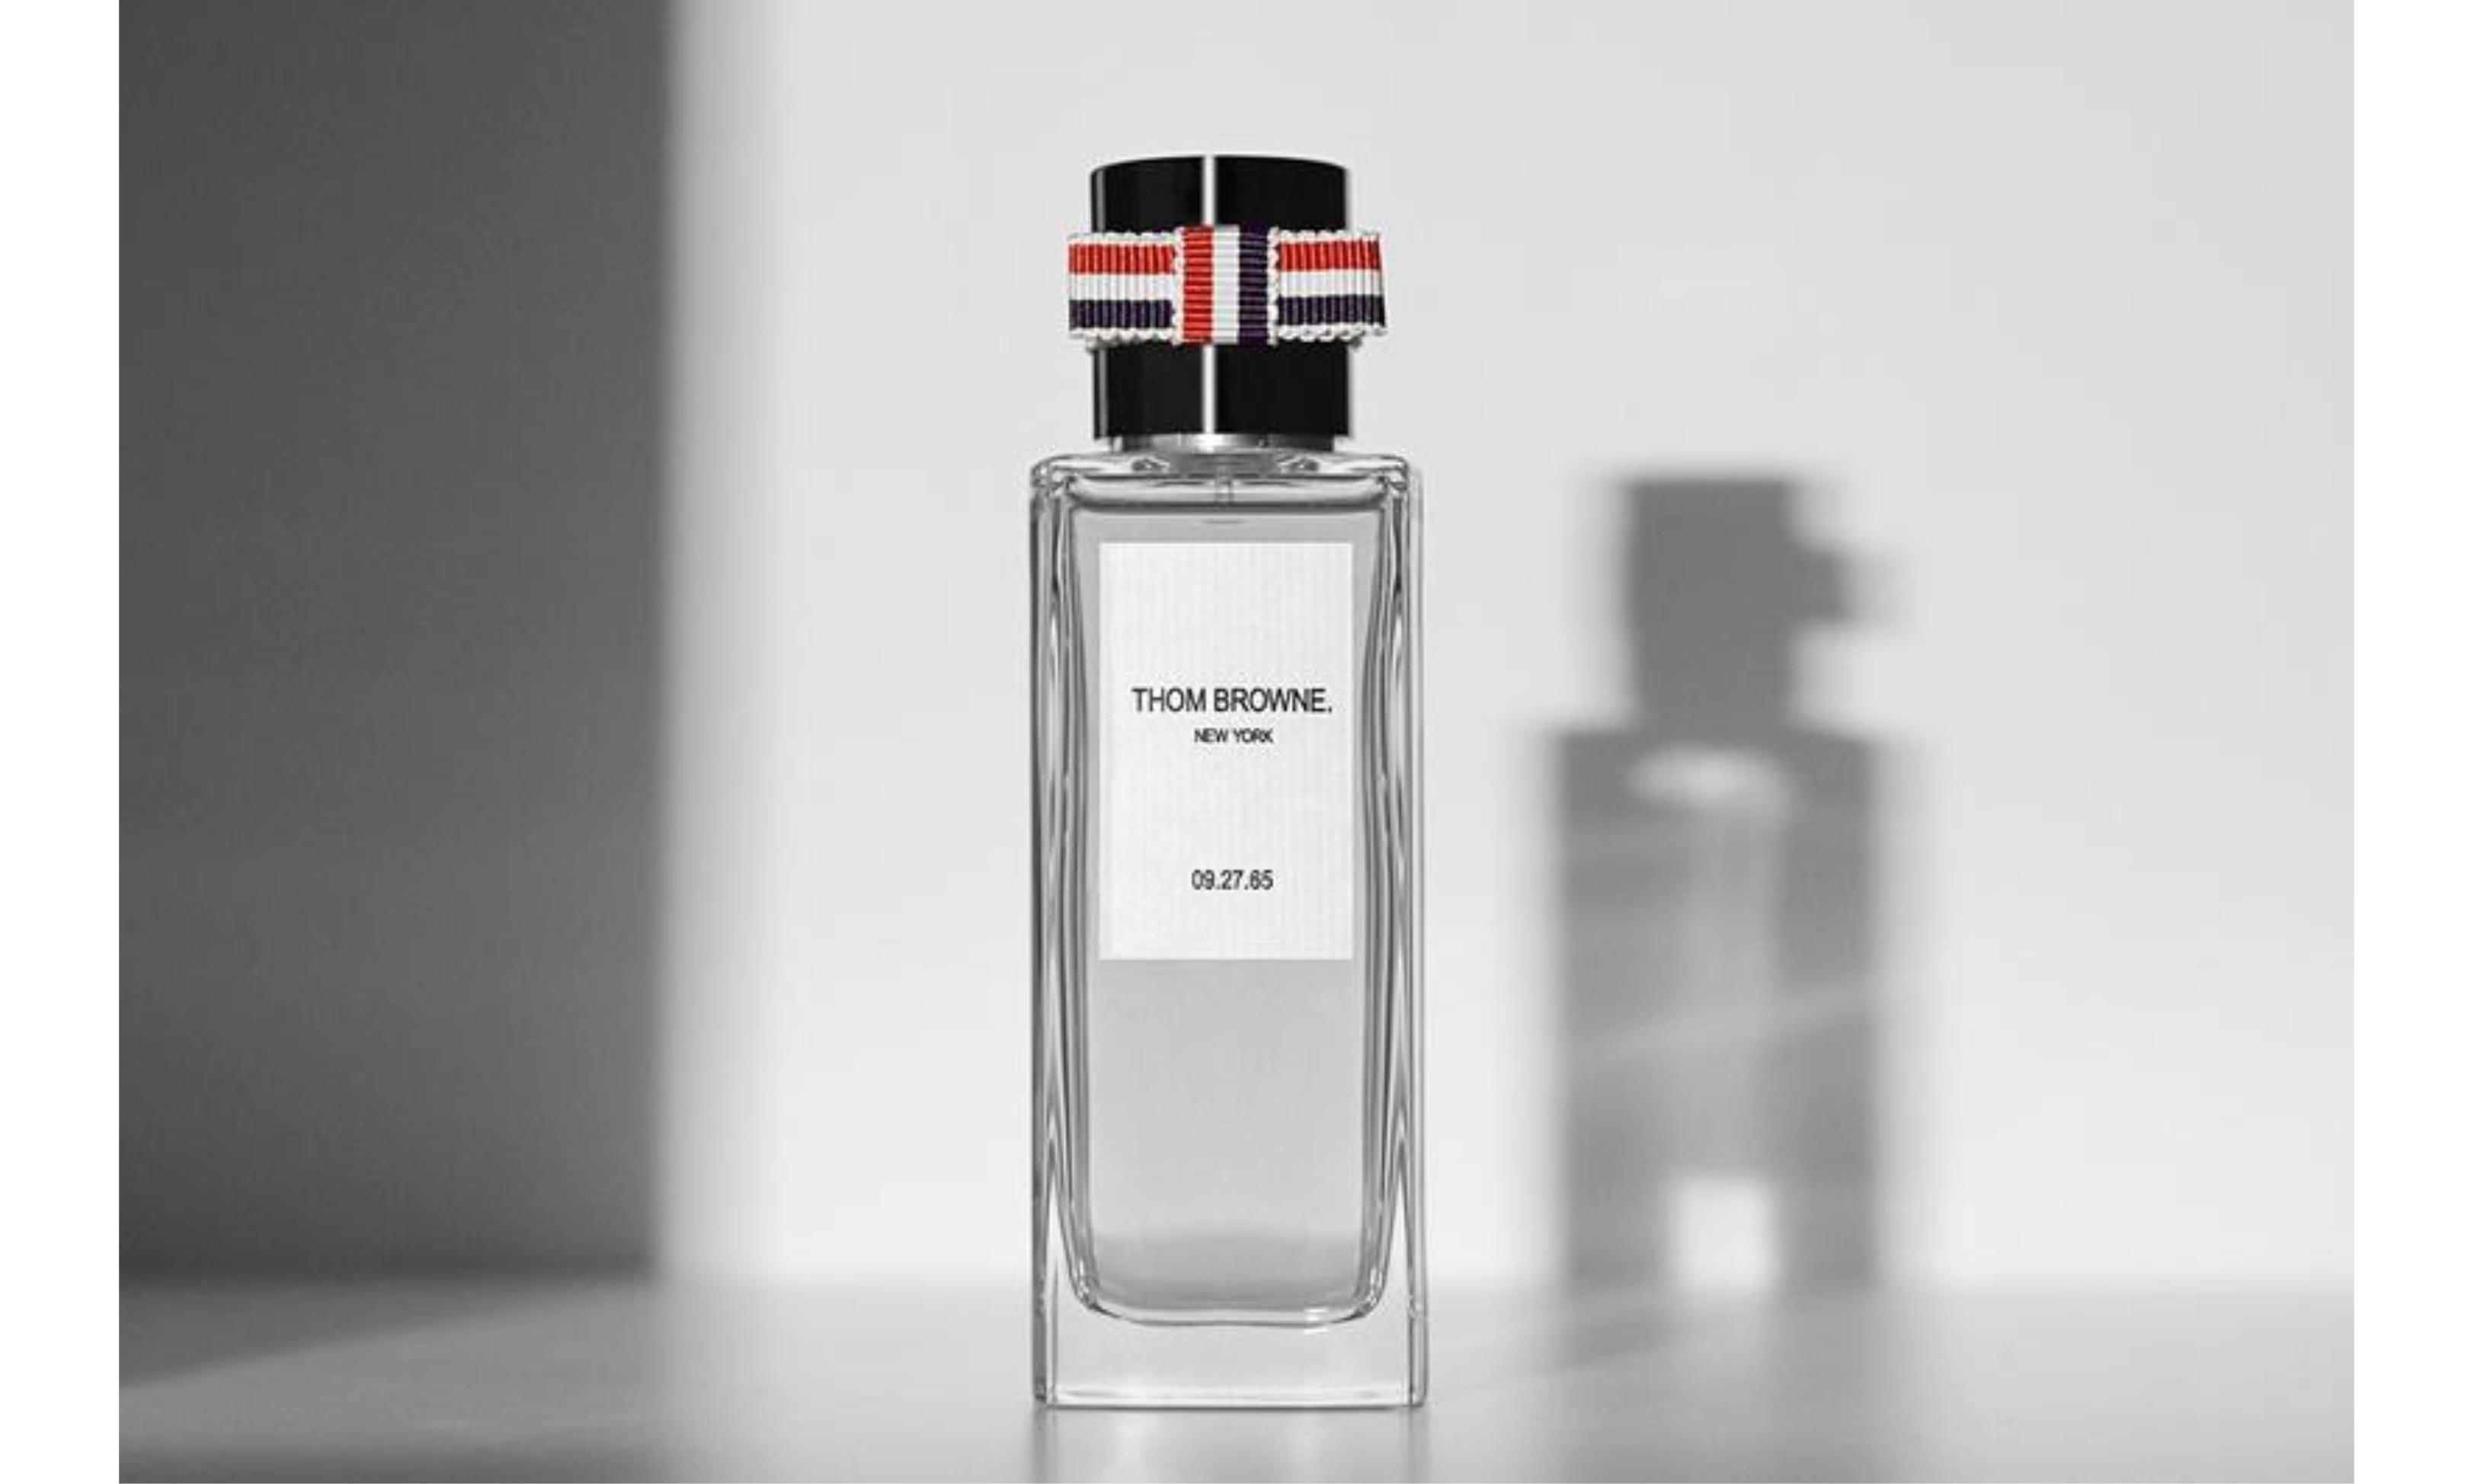 西装革履的职人必备,Thom Browne 即将推出首个香水系列